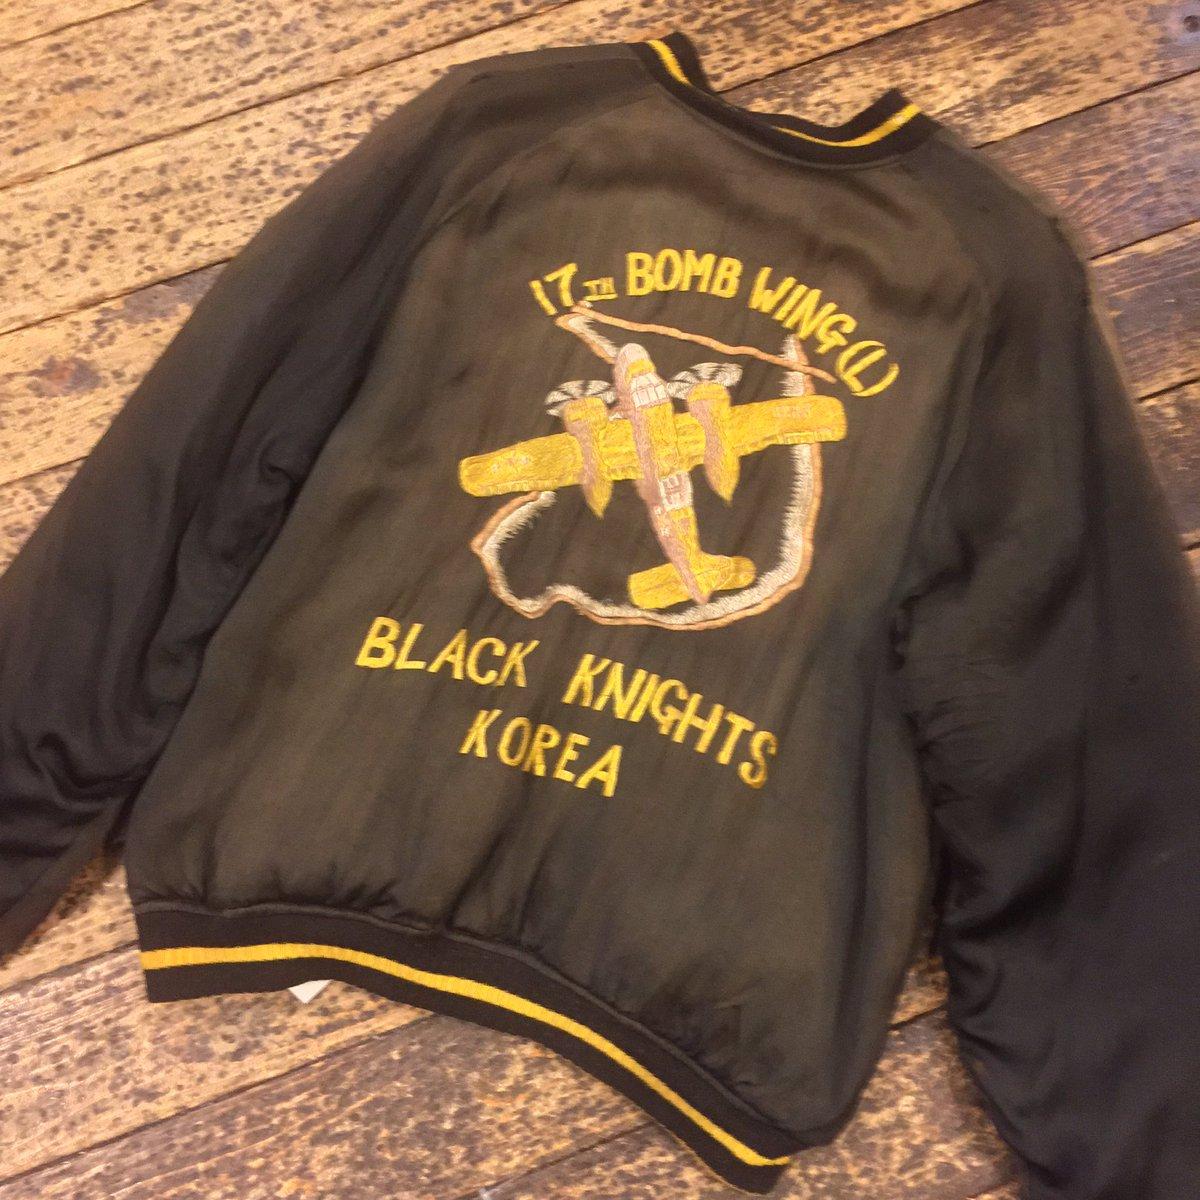 1950's 17th bomb wing souvenir Jacket #souvenirjacket #koreanjacket#nos#1950